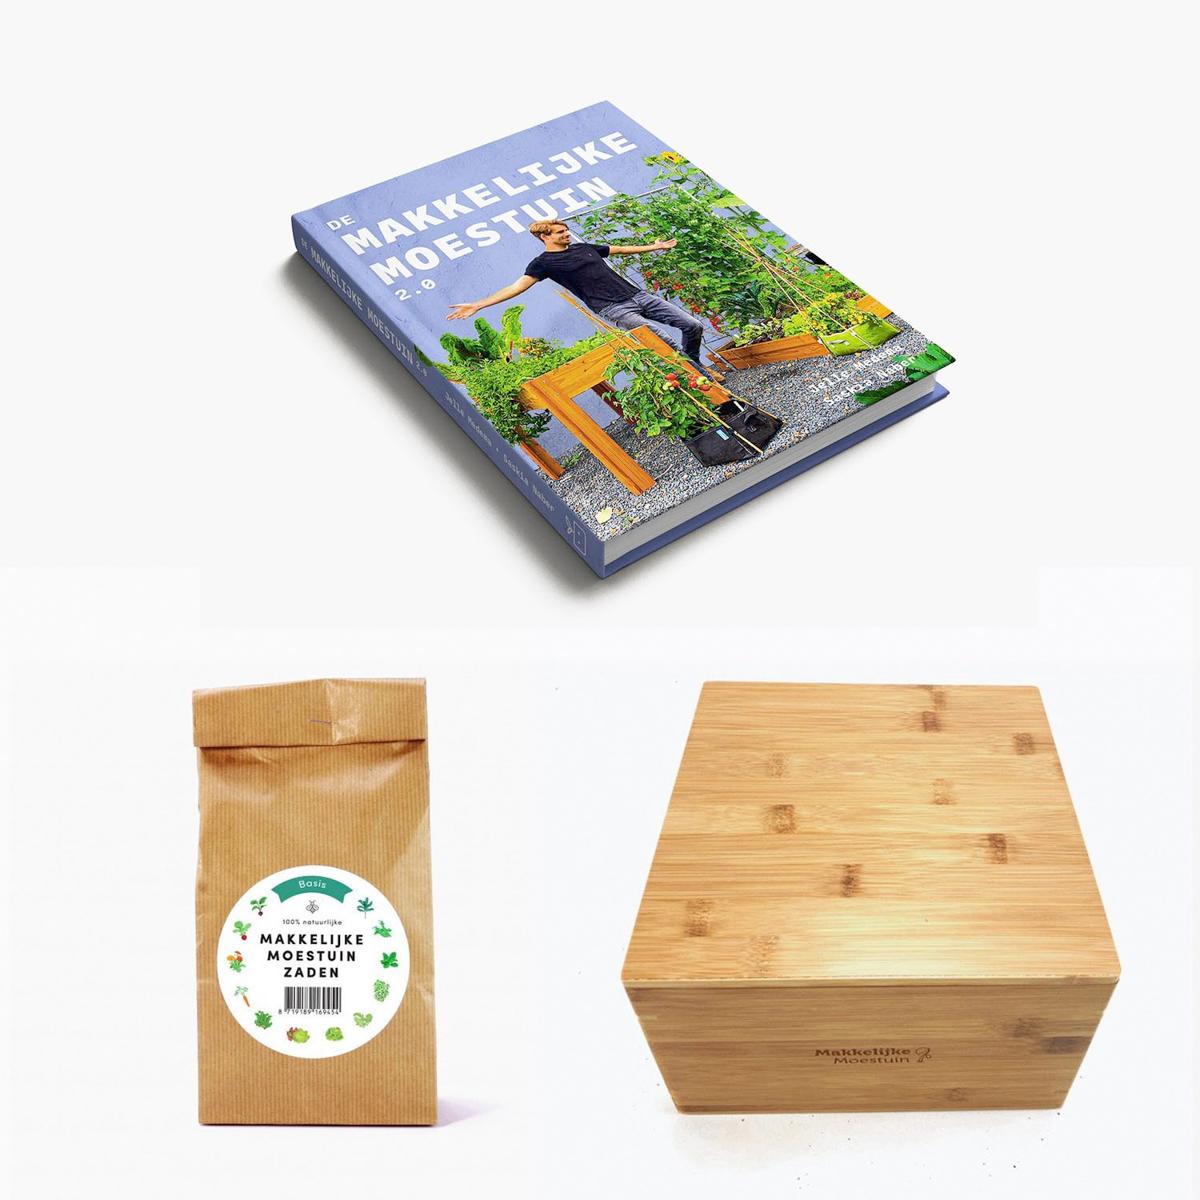 Aanbieding Makkelijke Moestuin: nieuw boek, zaden en zadenkist